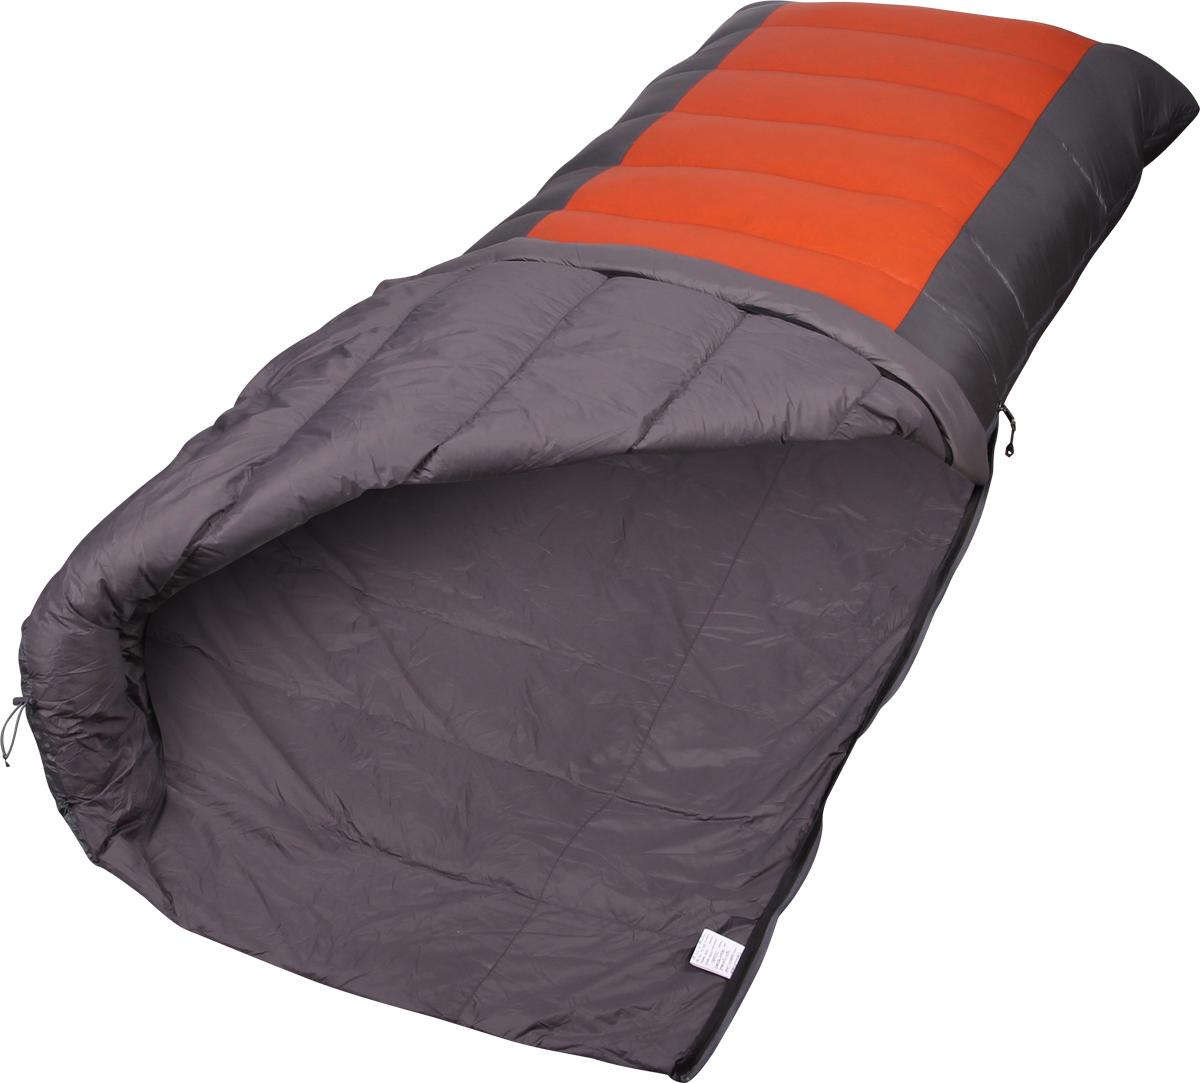 Мешок-одеяло спальный Сплав Cloud Light, правосторонняя молния, цвет: серый, терракотовый, 195 x 80 см4507397Сплав Cloud Light - сверхлёгкий тёплый комфортный пуховой спальный мешок-одеяло.Cloud light представляет собой высококачественный классический прямоугольный спальный мешок. Предоставить вам максимум тепла и комфорта - призвание этого просторного, особенно в области ног, но удивительно легкого и компактного в транспортировке спальника. Cloud light - идеальный выбор для тех, кто хочет отдохнуть с комфортом.Тип конструкции: одеяло.Сквозные швы.Молния разъёмная двухзамковая с внутренней планкой, утеплённой Primaloft.Спальный мешок можно полностью расстегнуть и использовать в качестве одеяла.Горловина спального мешка утягивается эластичным шнуром с фиксатором.Петли для просушки.Упаковка: компрессионный мешок в комплекте.Материалы:Ткань верха: 100% нейлон 20D, 35 г/м2, Ripstop, DWR.Подкладка: 100% нейлон 20D, 36 г/м2, DWR.Утеплитель: Высококачественный серый гусиный пух Каригуз с гидрофобной обработкой Nikwax FP 680.Температура:Комфорт: +6… +2° С.Экстрим: -13° С.Габариты и вес:Размеры: 195 х 80 см.Размеры в упакованном виде: диаметр 15 х 34 см.Размеры в сжатом виде: диаметр 15 х 20 см.Полный вес: 0,78 кг.Вес утеплителя: 300 г.